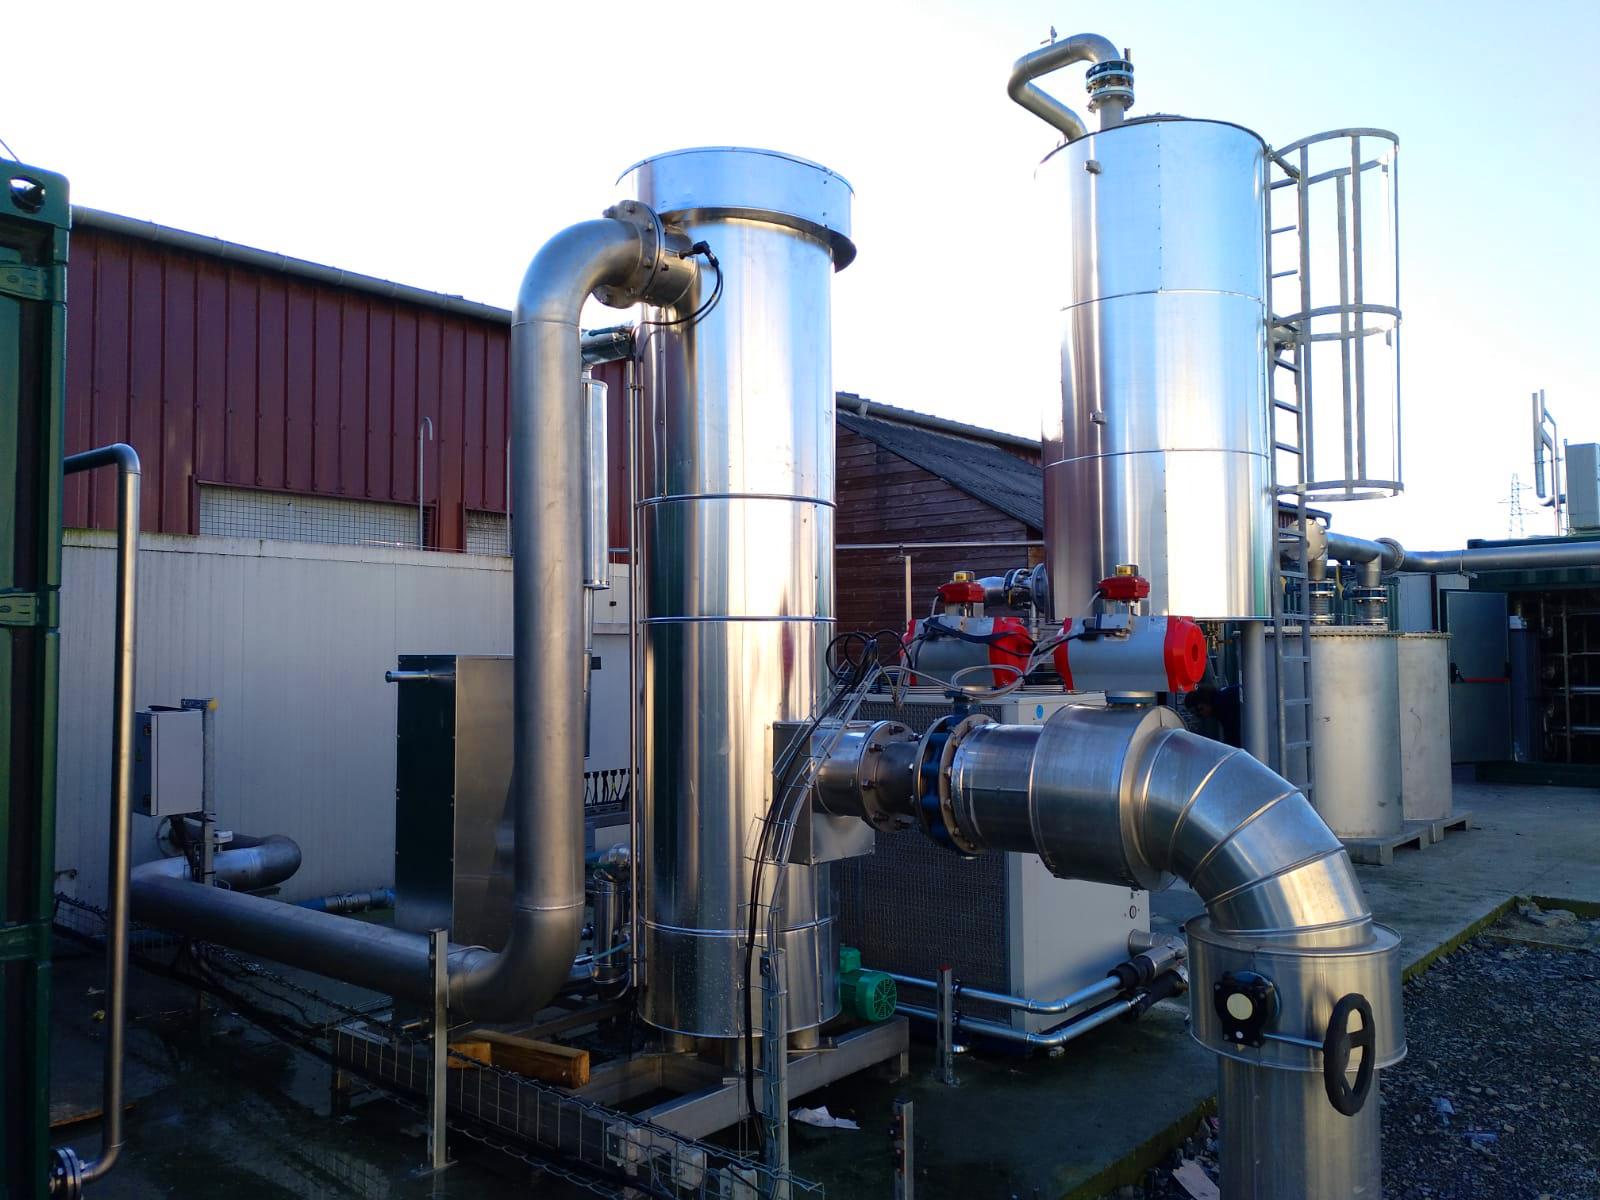 Biogás Vitaligaz Étréville Francia 04 Modificación de gas cooling-Vitaligaz-Envitec